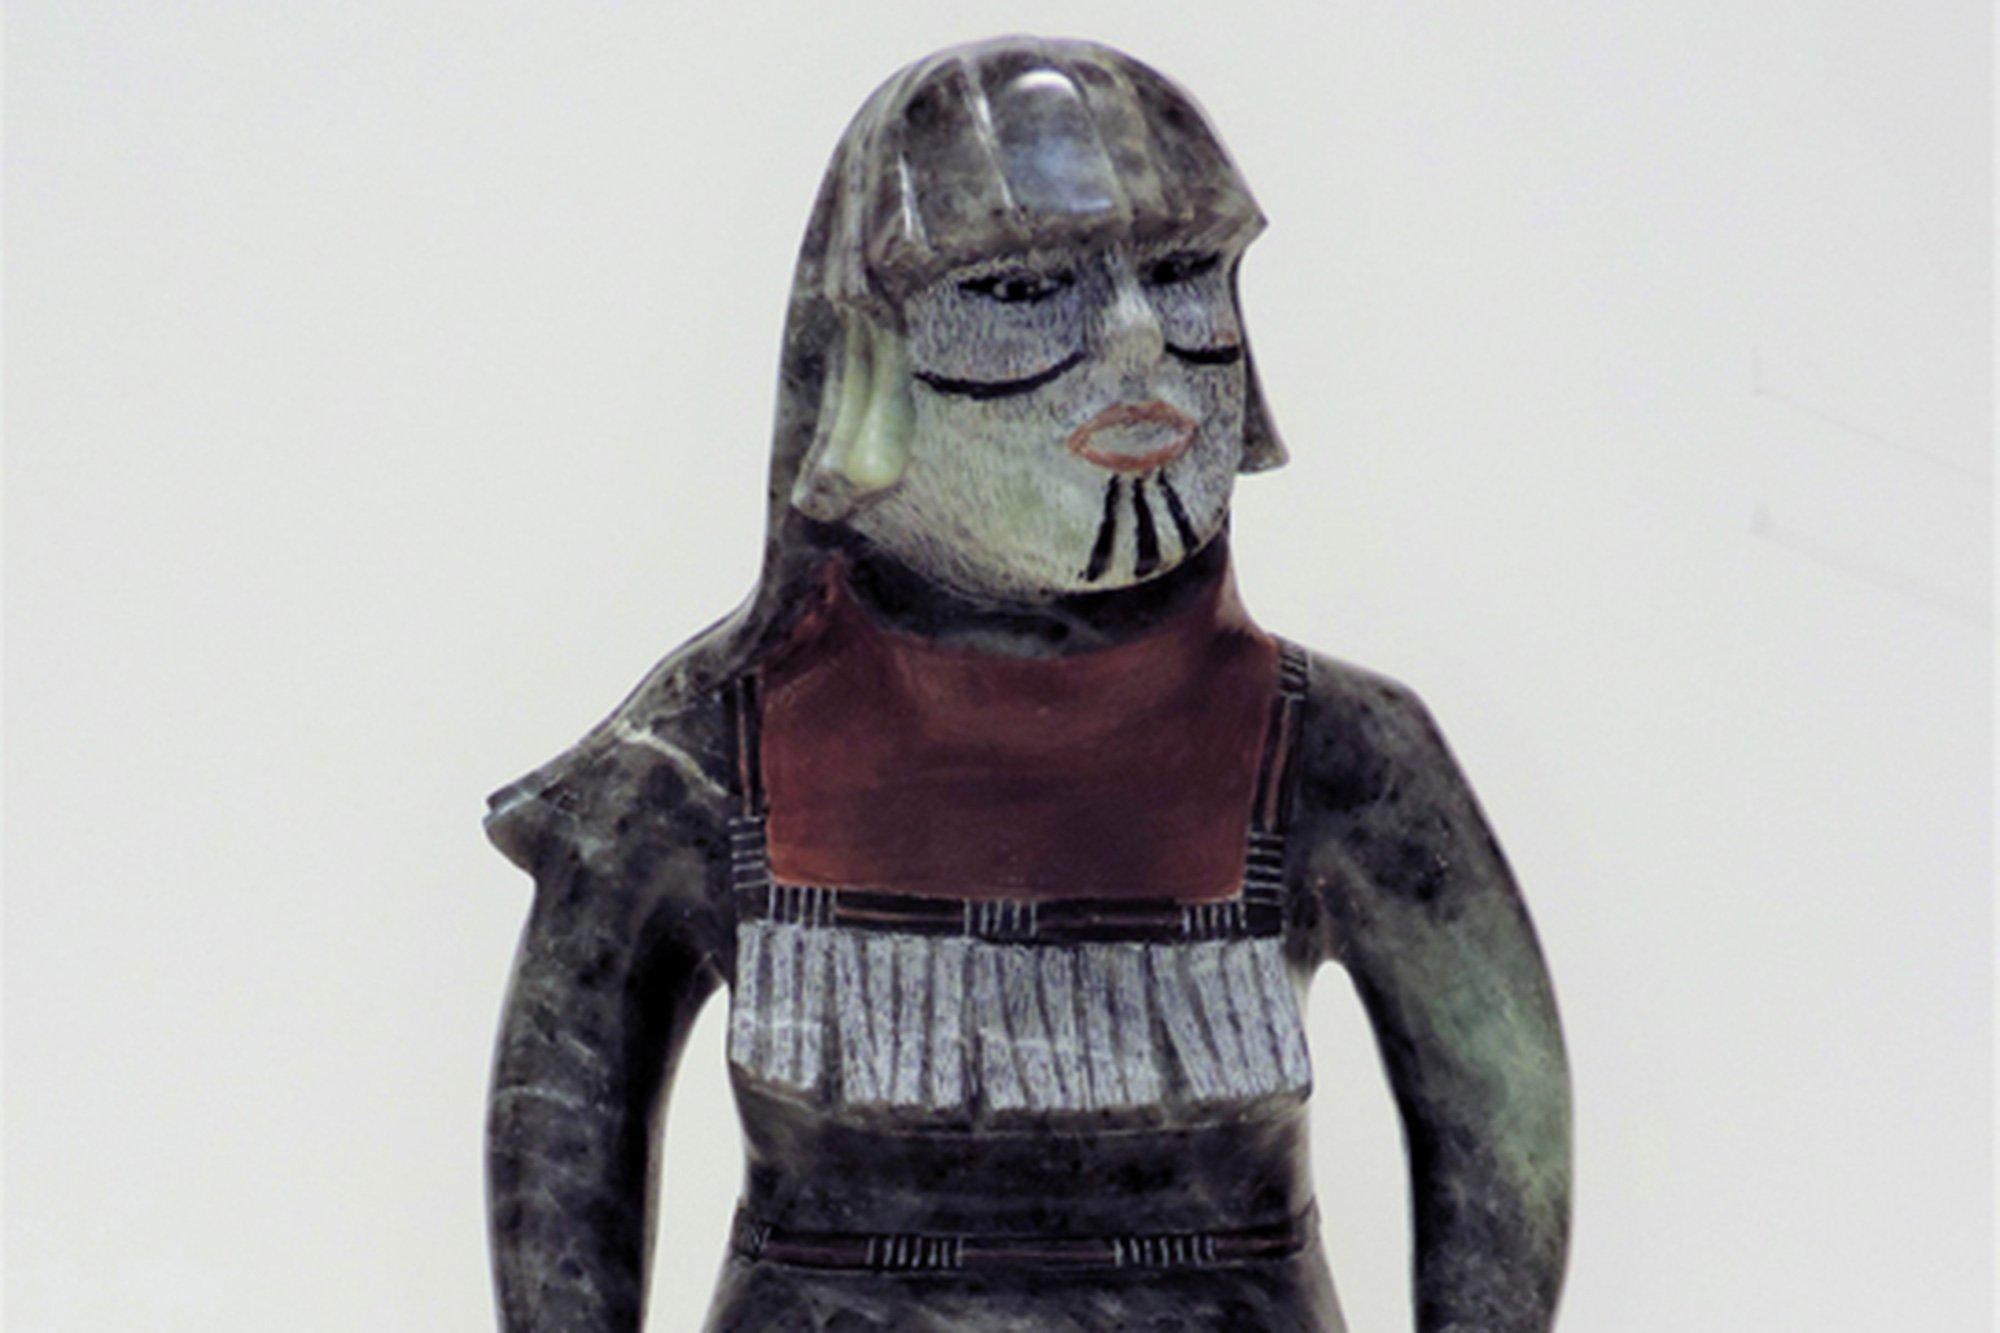 small statue of native figure